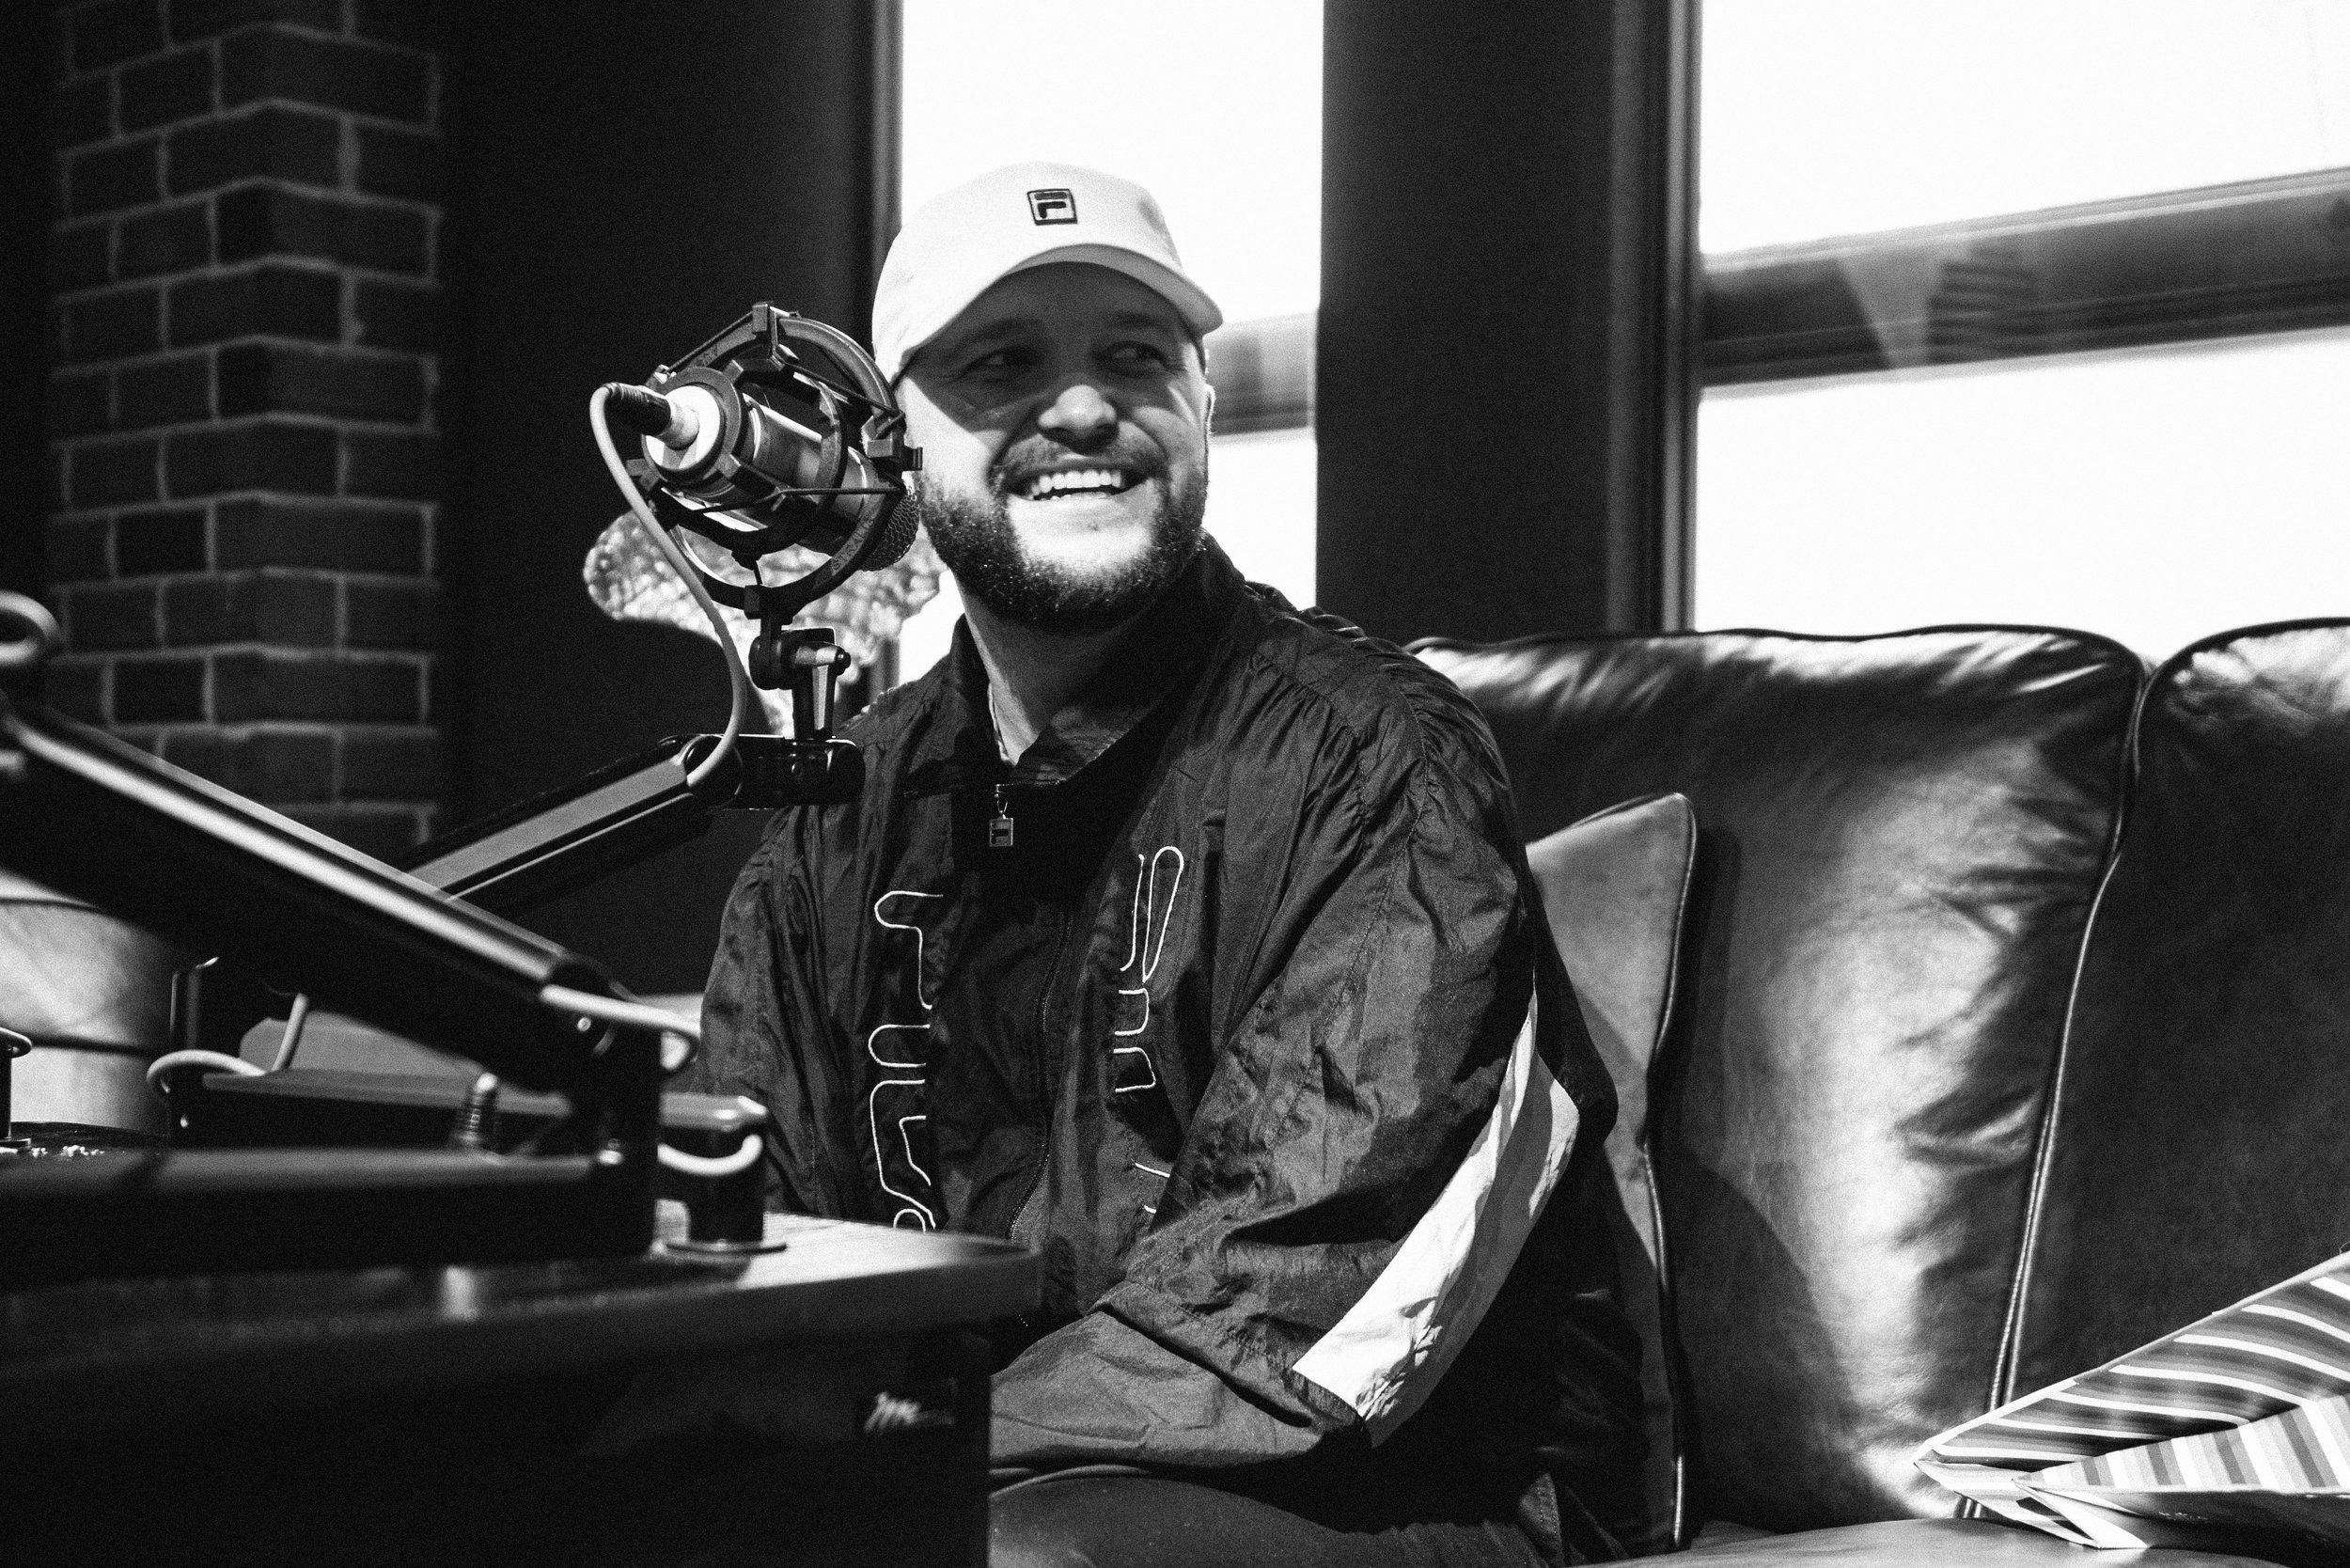 Detroit radio interview, 2018